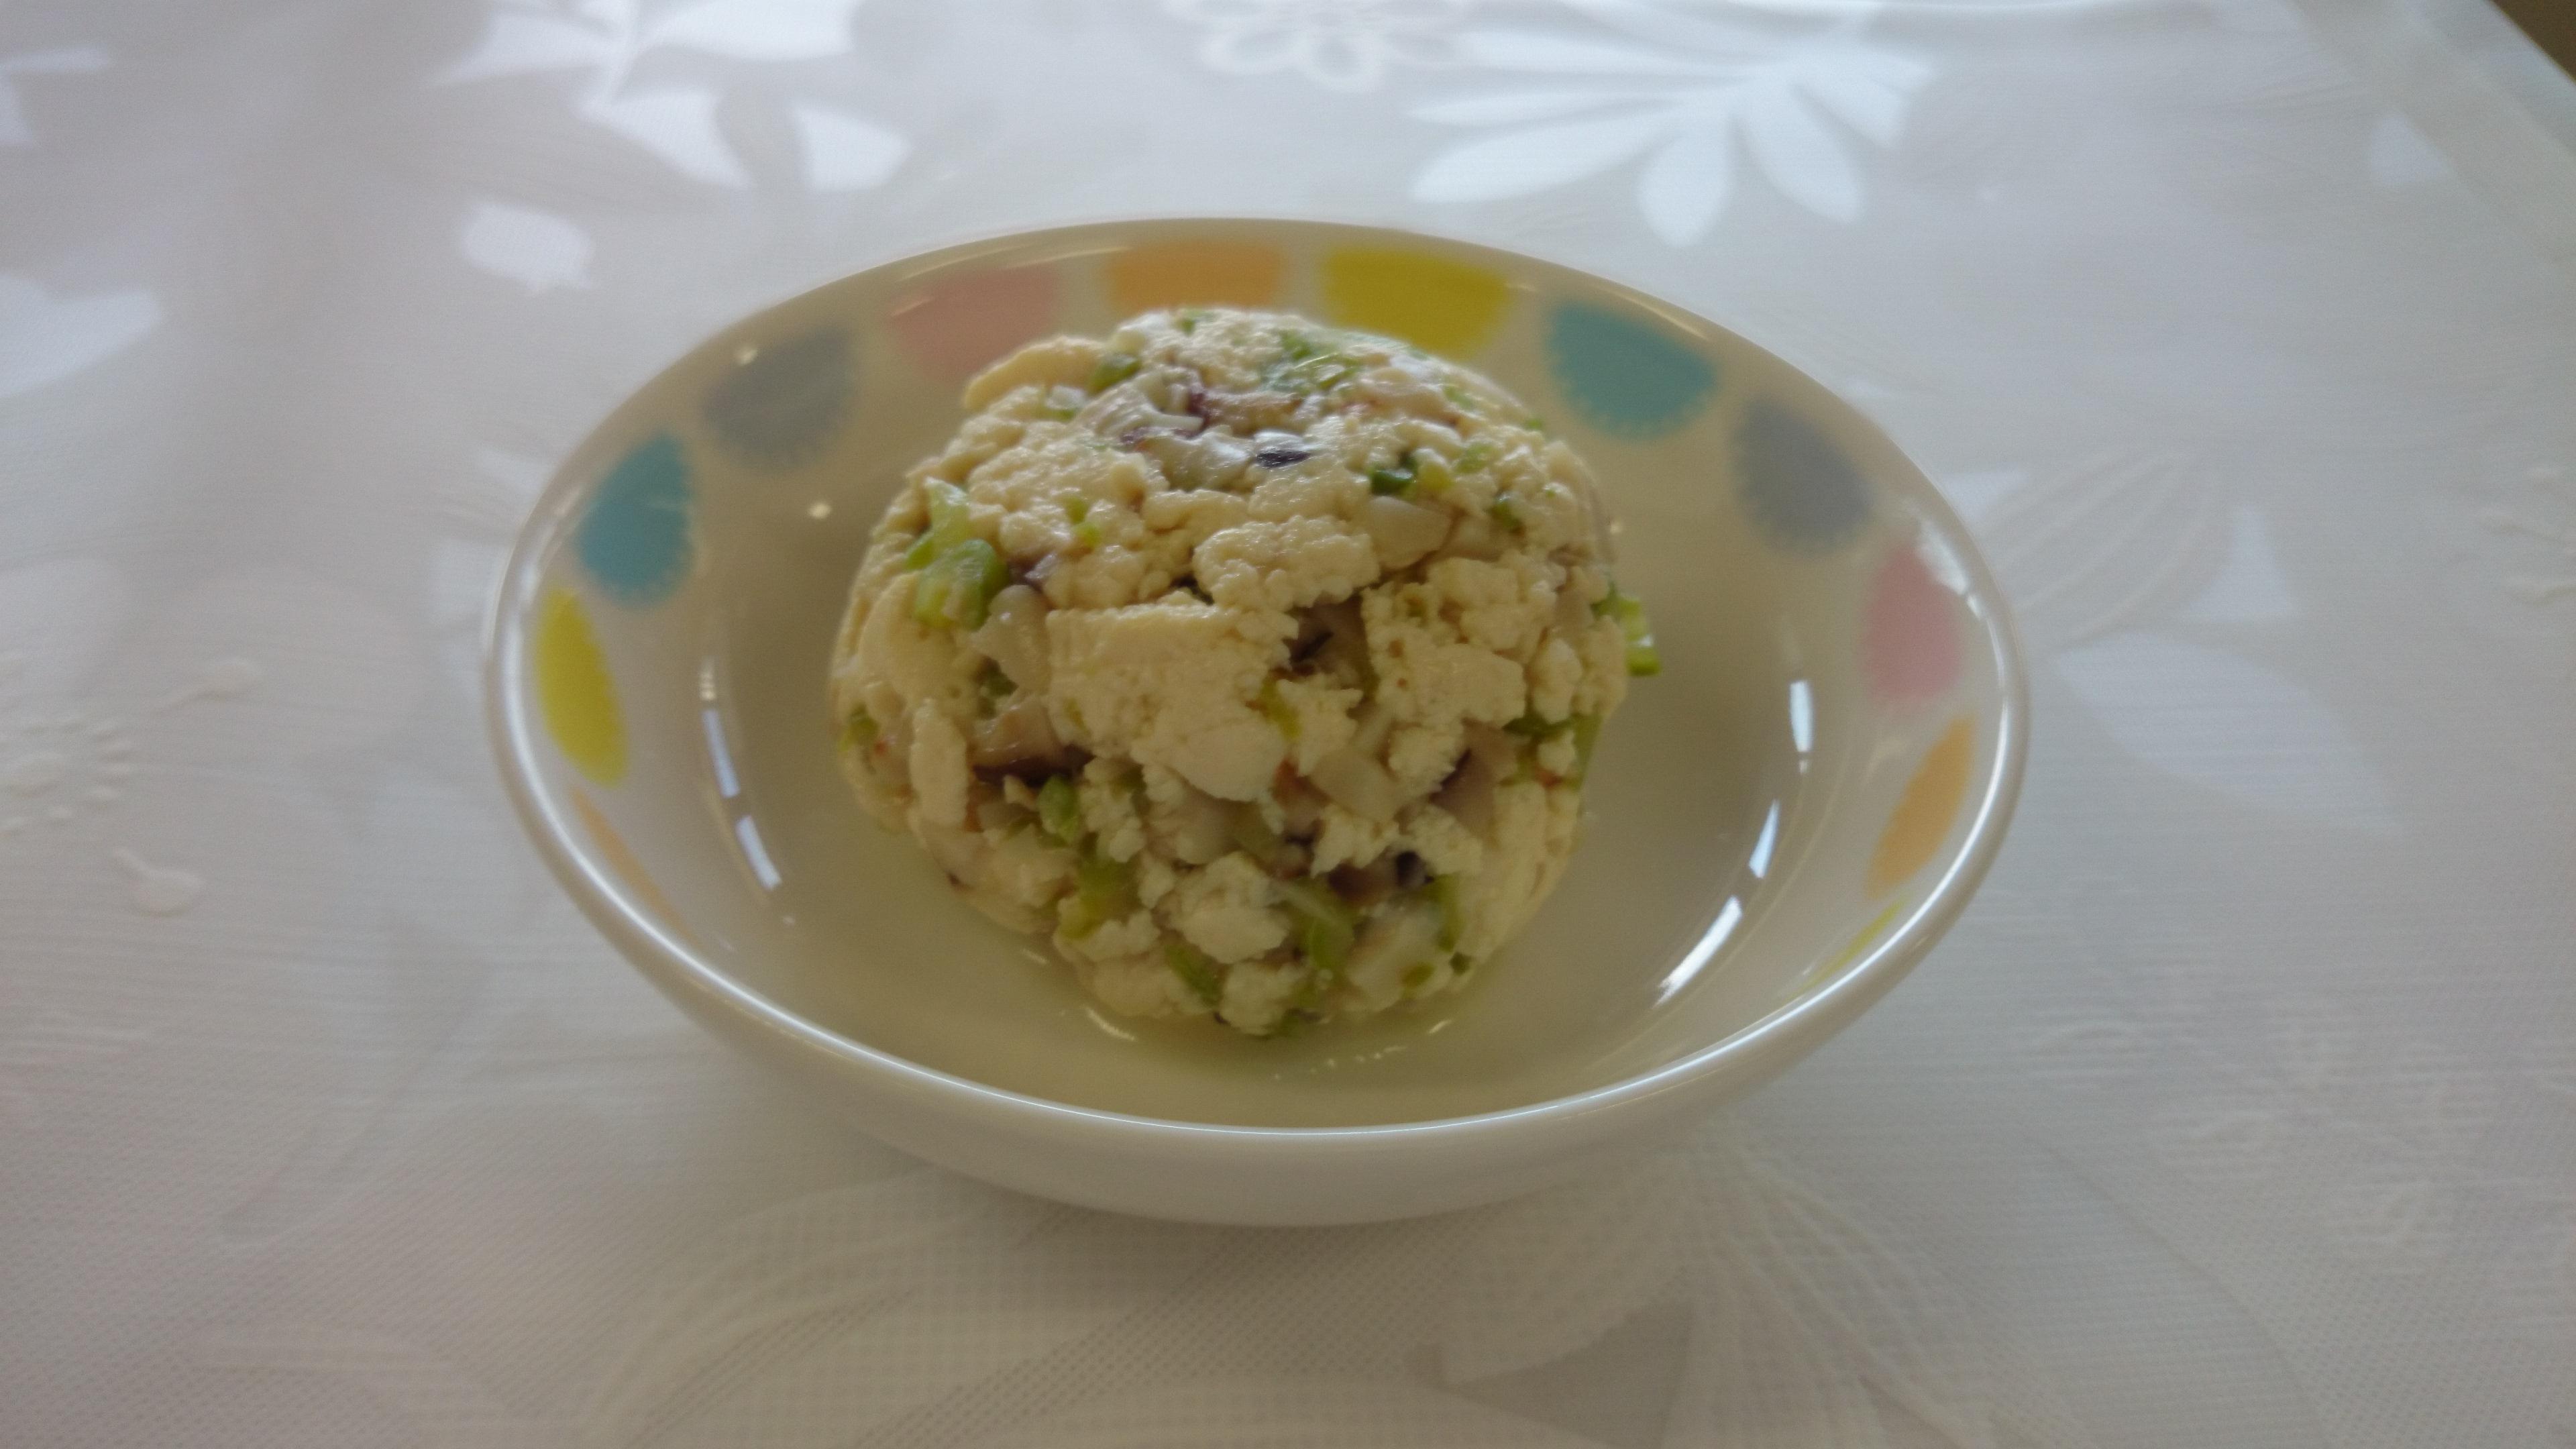 離乳食 炒り豆腐(9か月から11か月頃のメニュー)